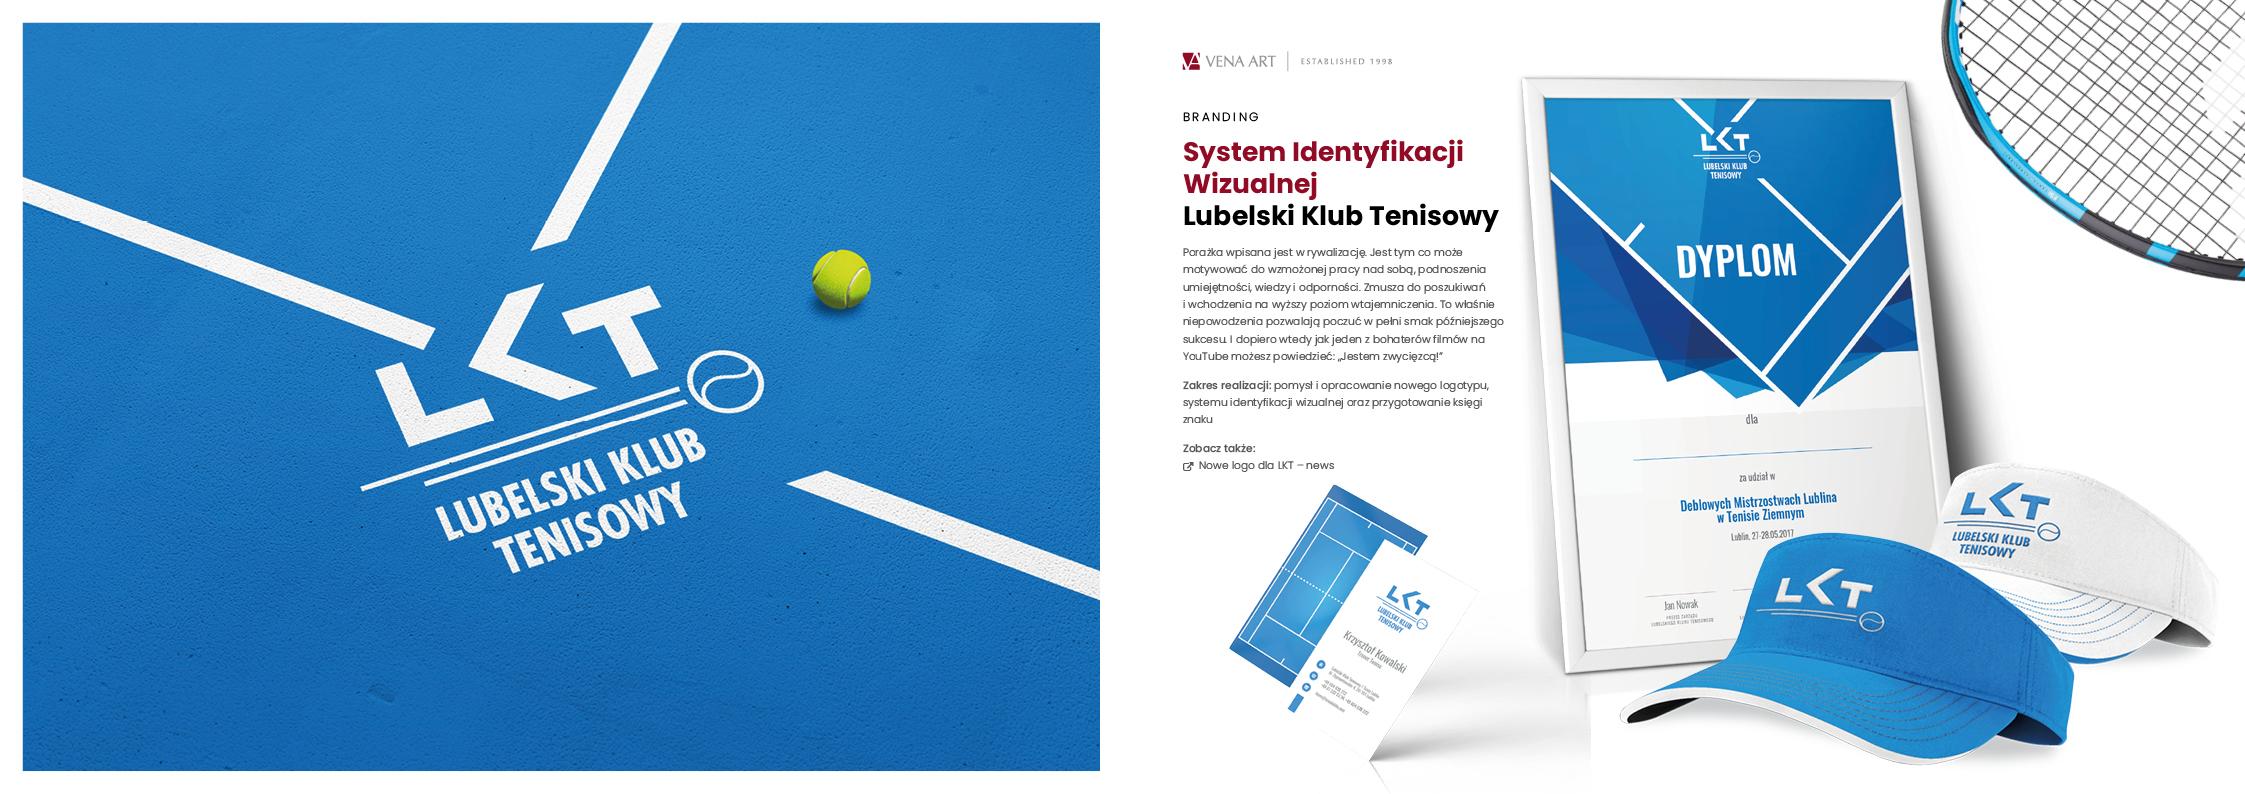 System Identyfikacji Wizualnej —Lubelski Klub Tenisowy